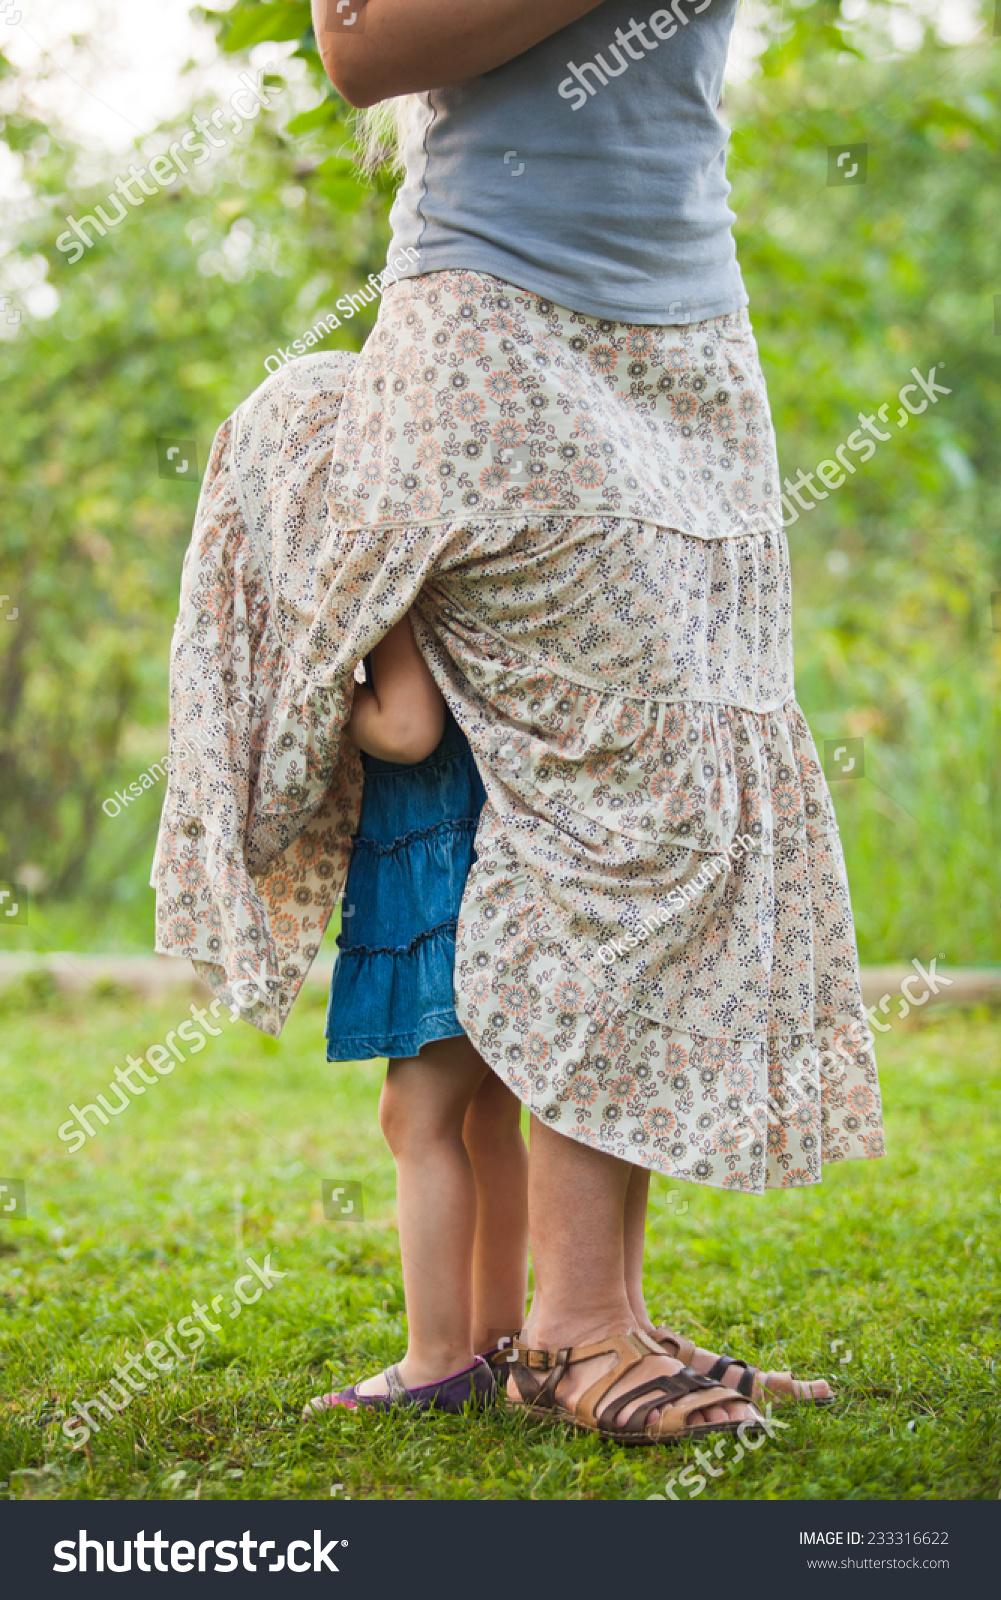 У маленькой девочки под юбкой 9 фотография